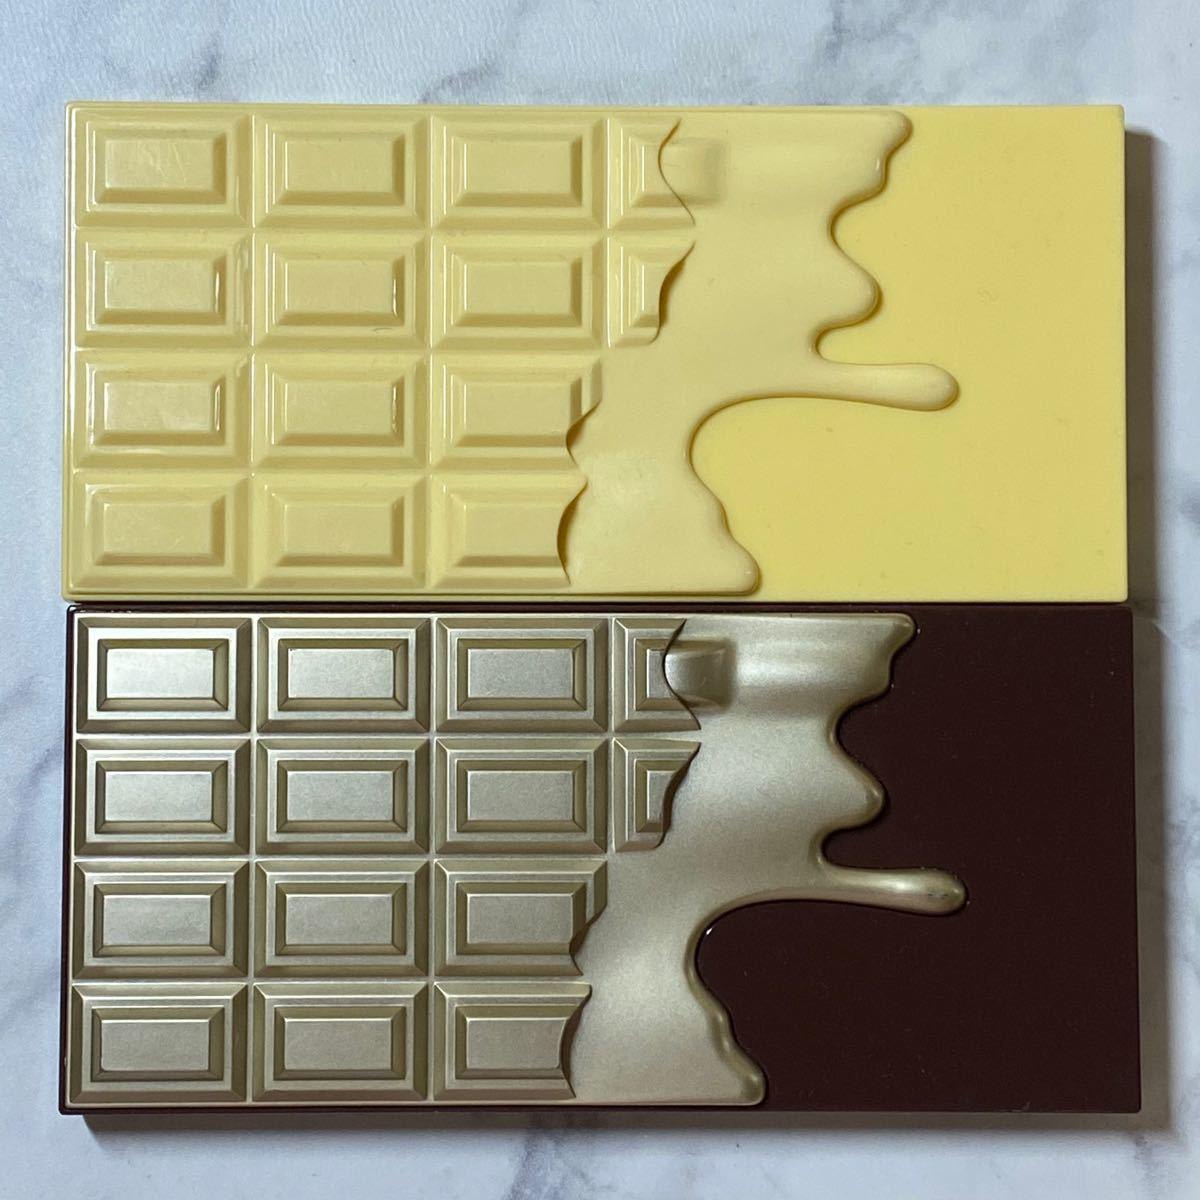 メイクアップレボリューション アイラブチョコレート アイシャドウパレット2個セット